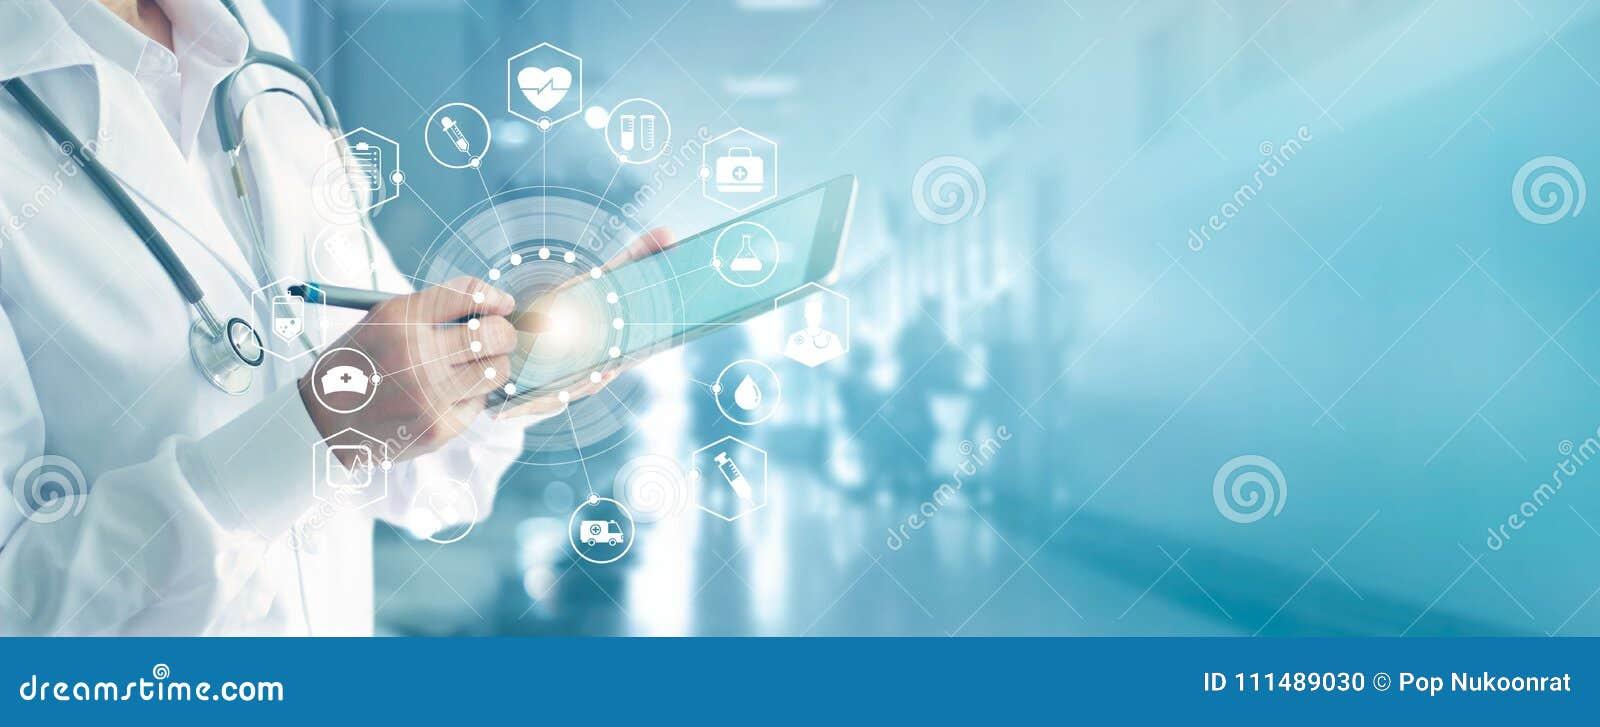 Docteur de médecine avec le stéthoscope touchant le réseau médical d icônes